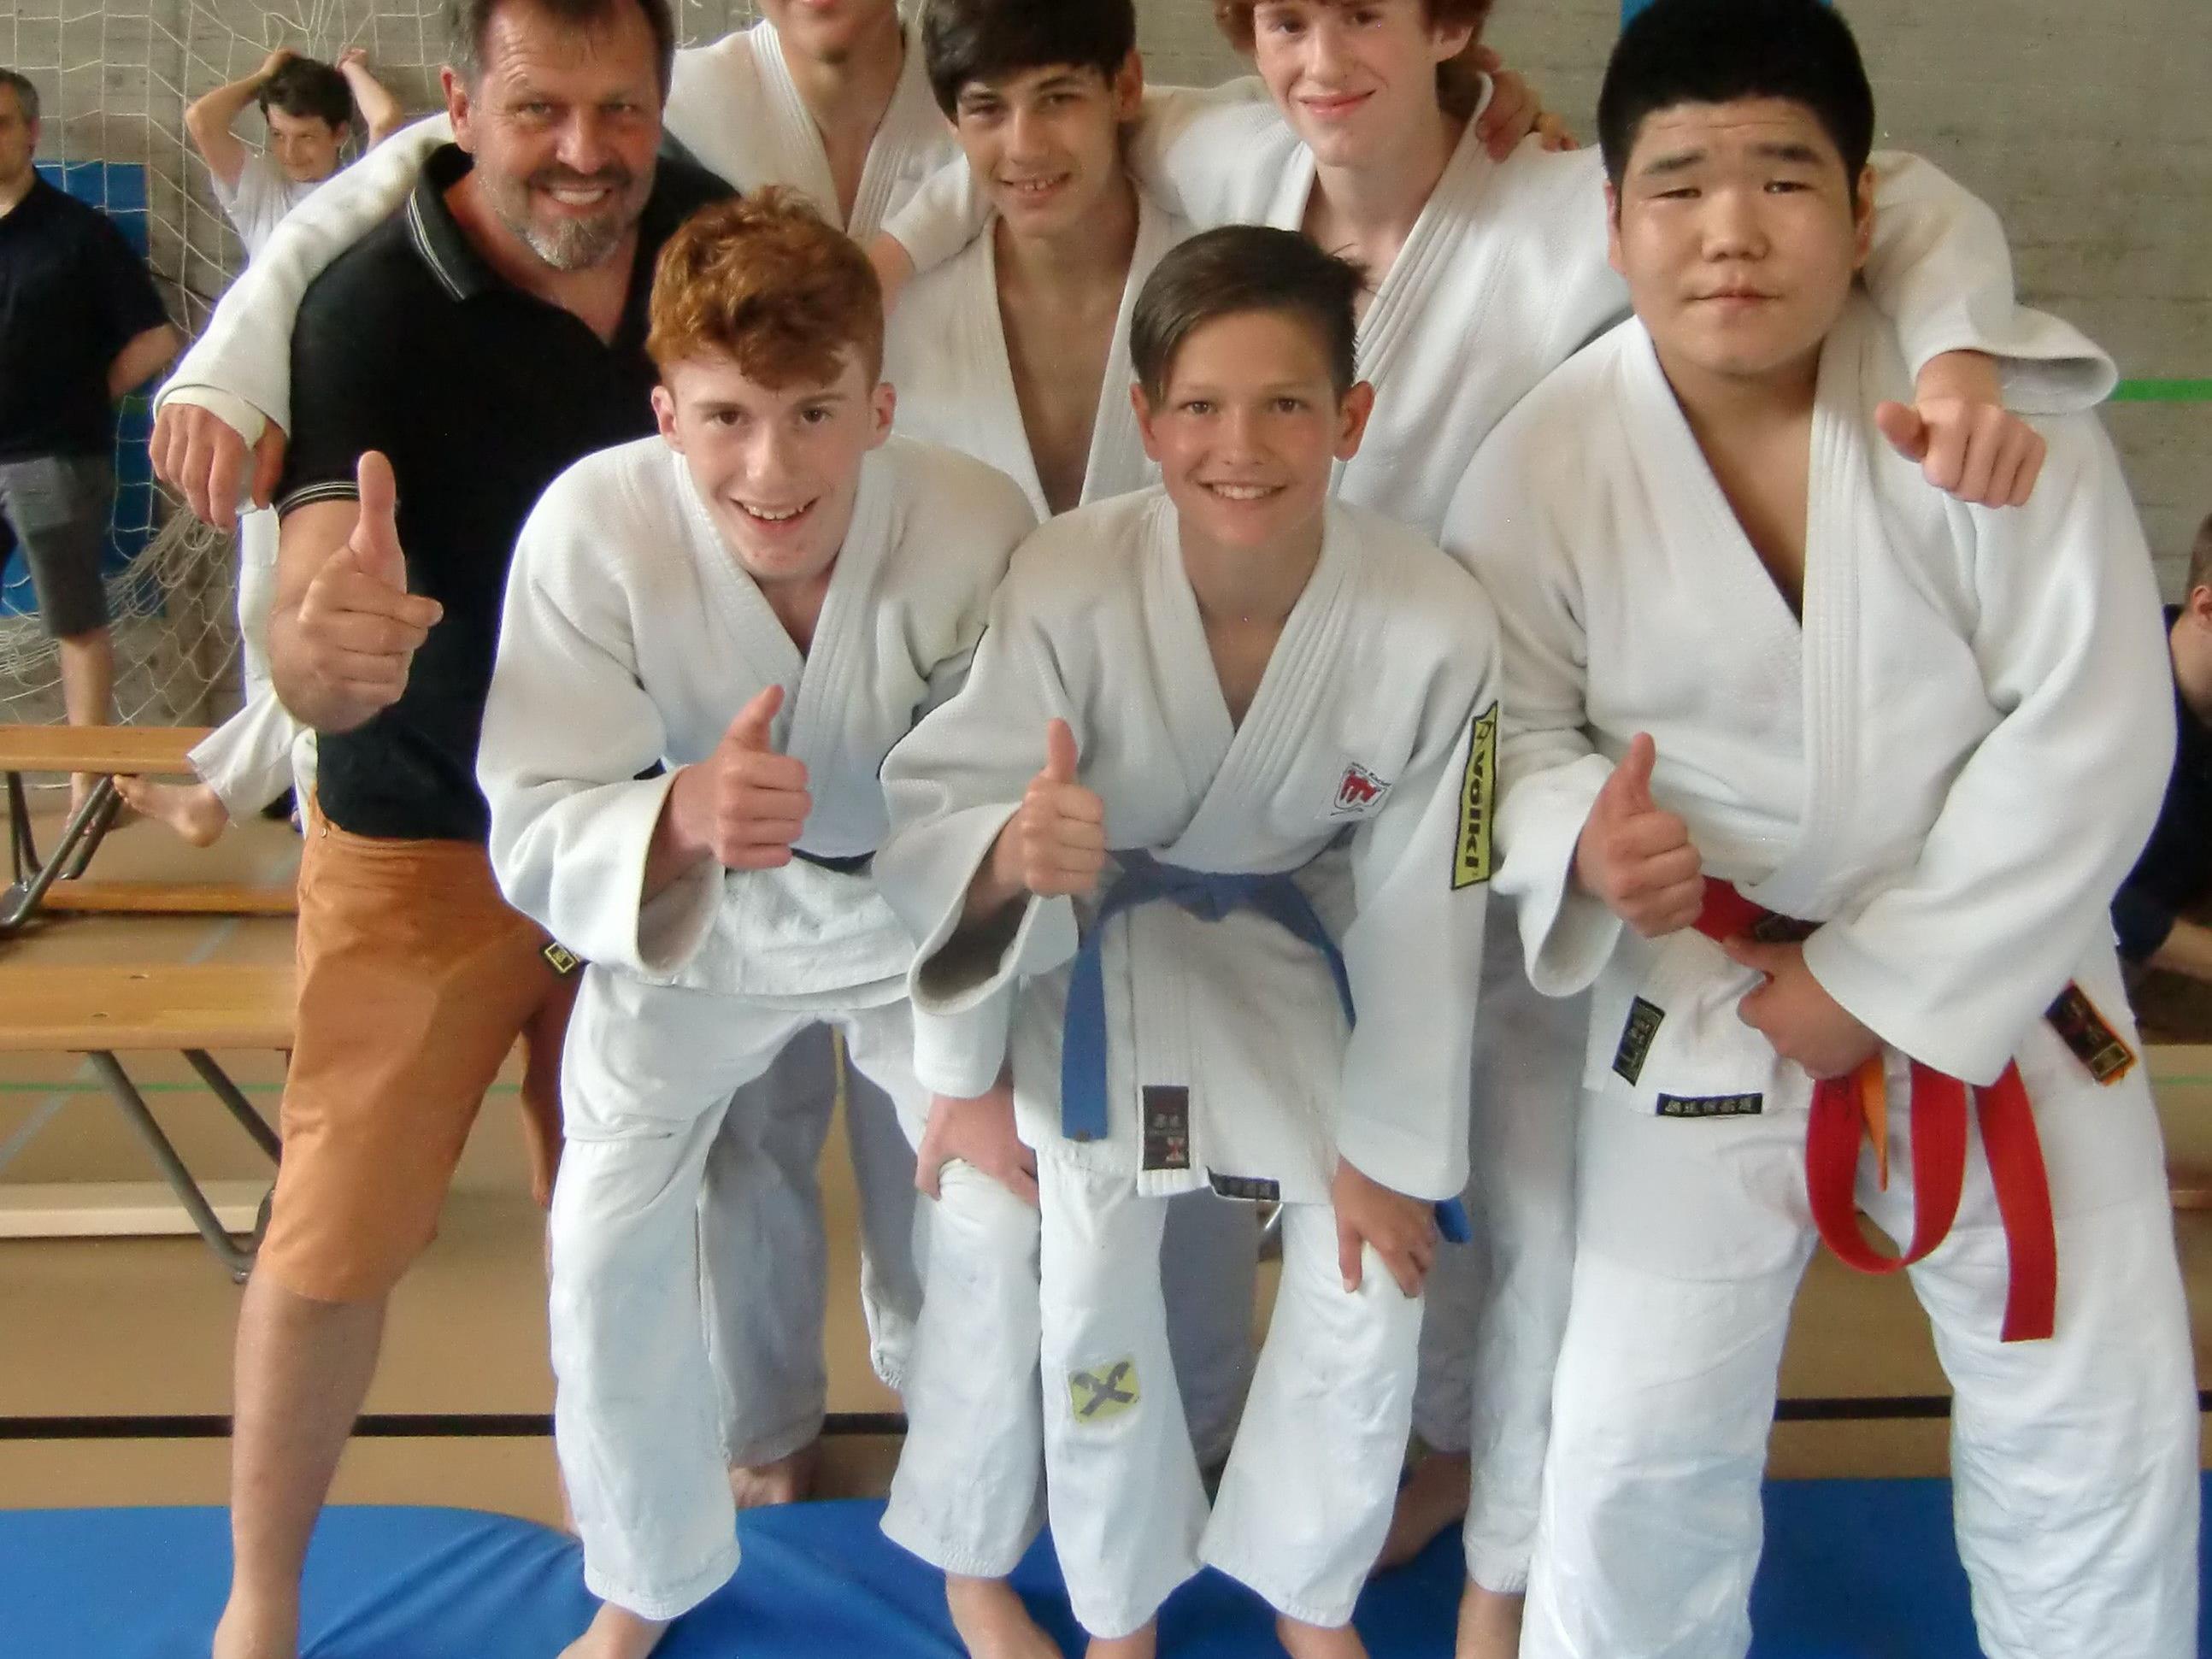 Die Dornbirner Judokas freuten sich über den hervorragenden zweiten Platz bei den U15-Meisterschaften der Ostschweiz.